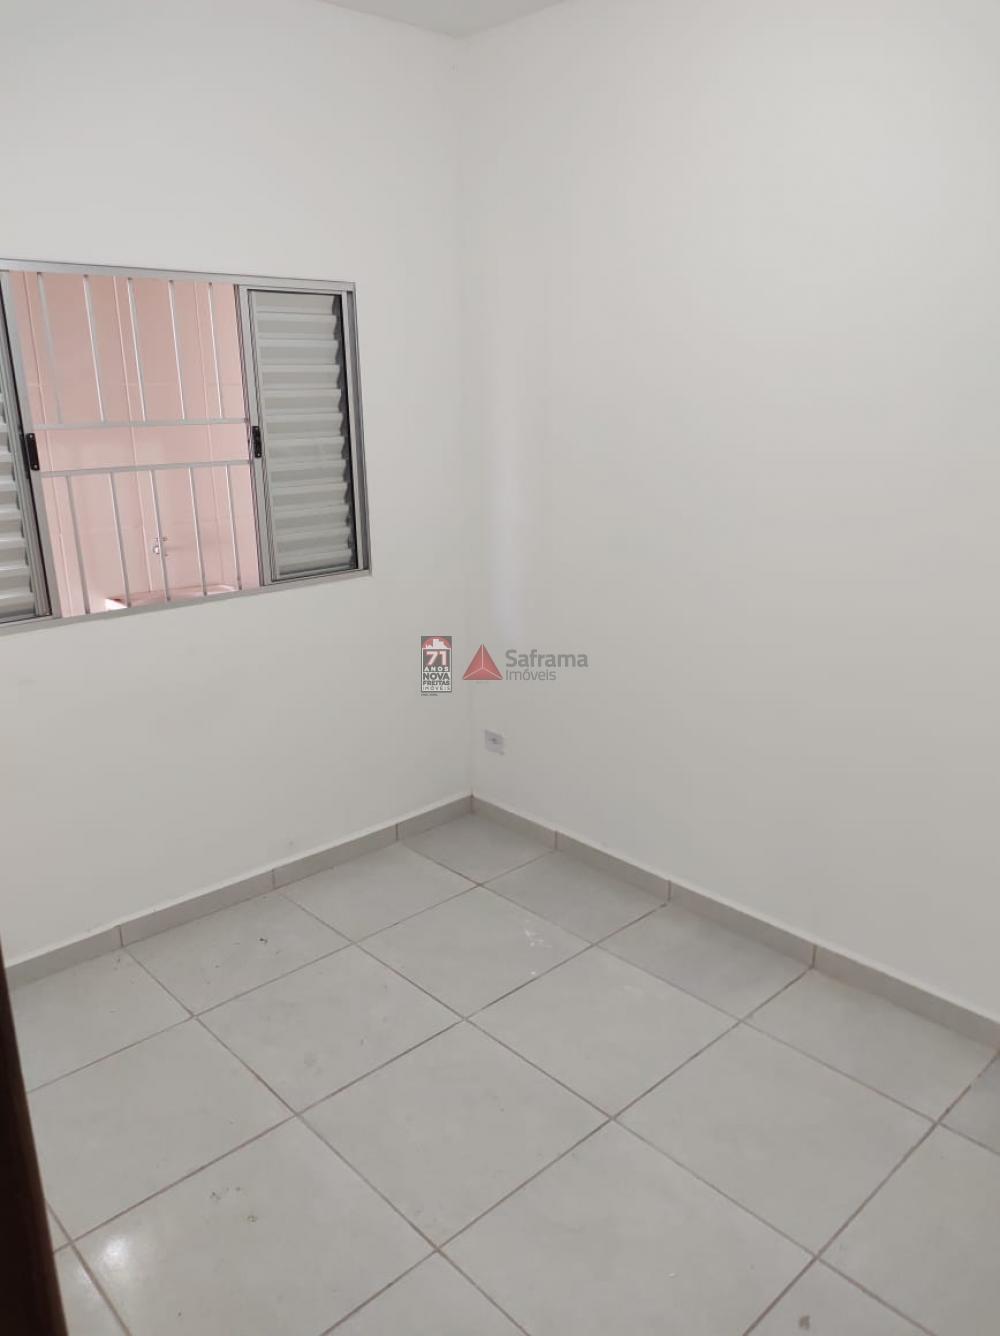 Comprar Casa / Padrão em Pindamonhangaba apenas R$ 235.000,00 - Foto 8